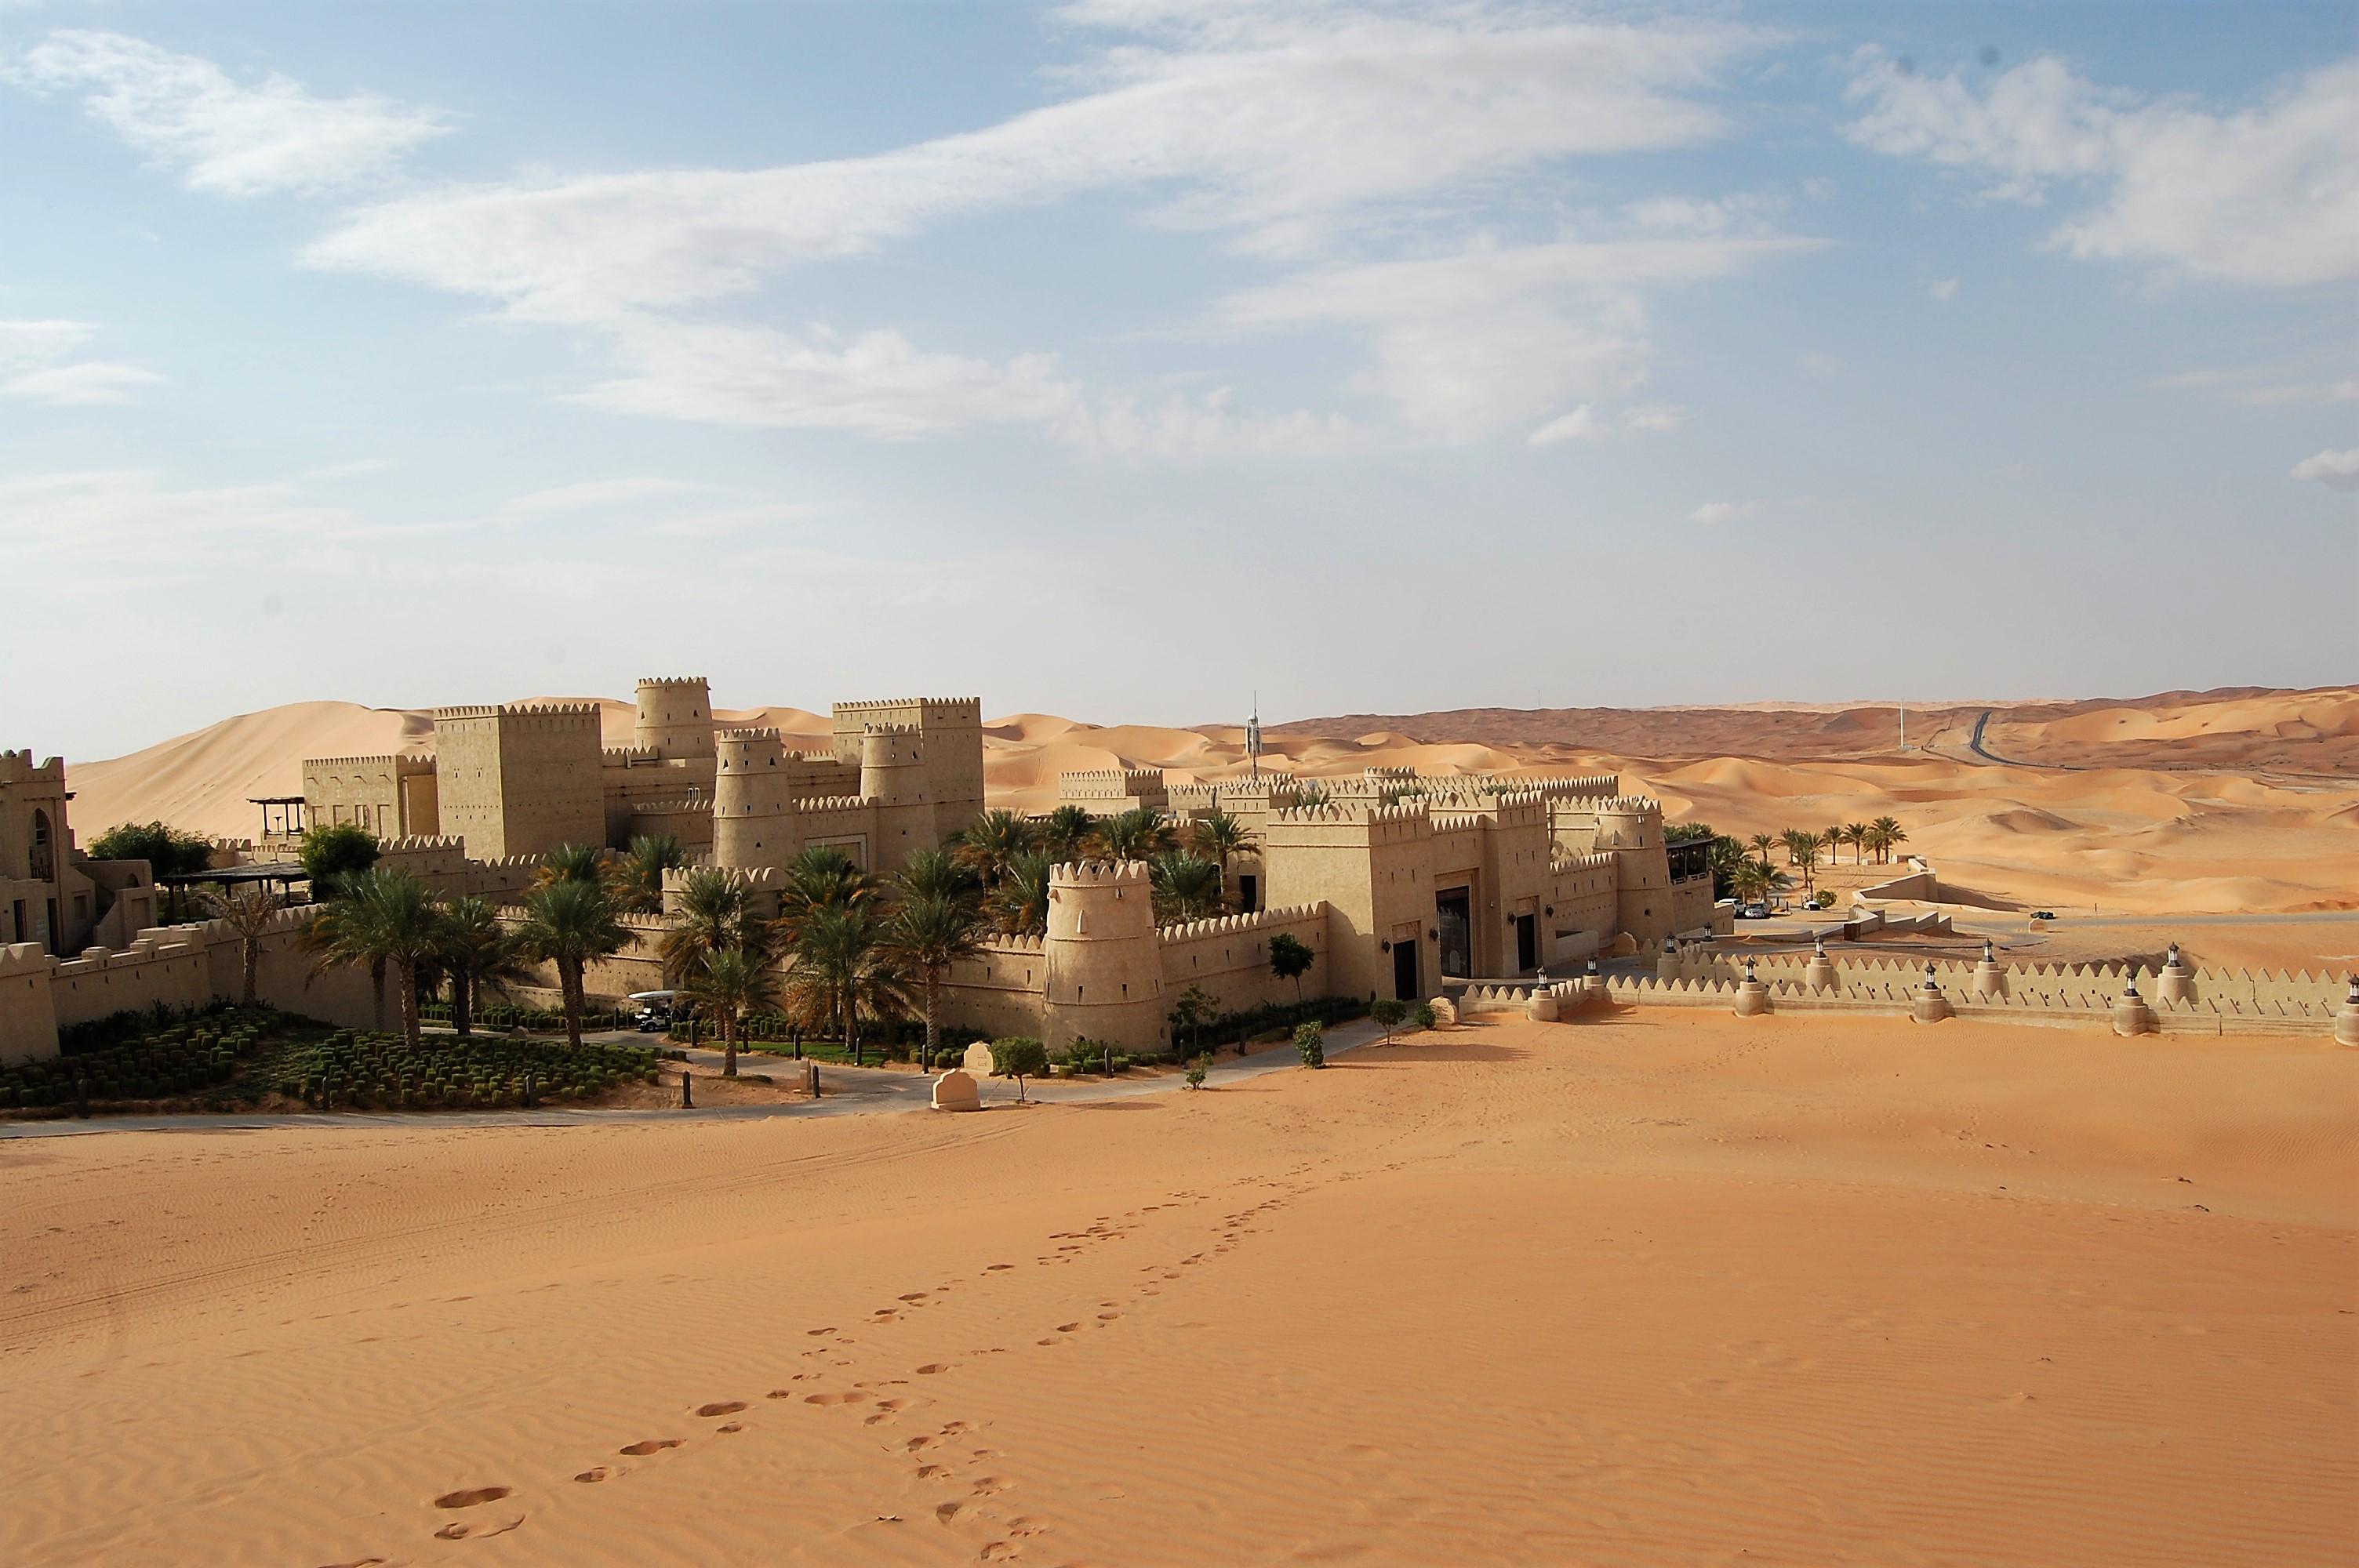 蜃気楼の城 アナンタラ カスール アル サラブ デザート リゾートにチェックイン♪